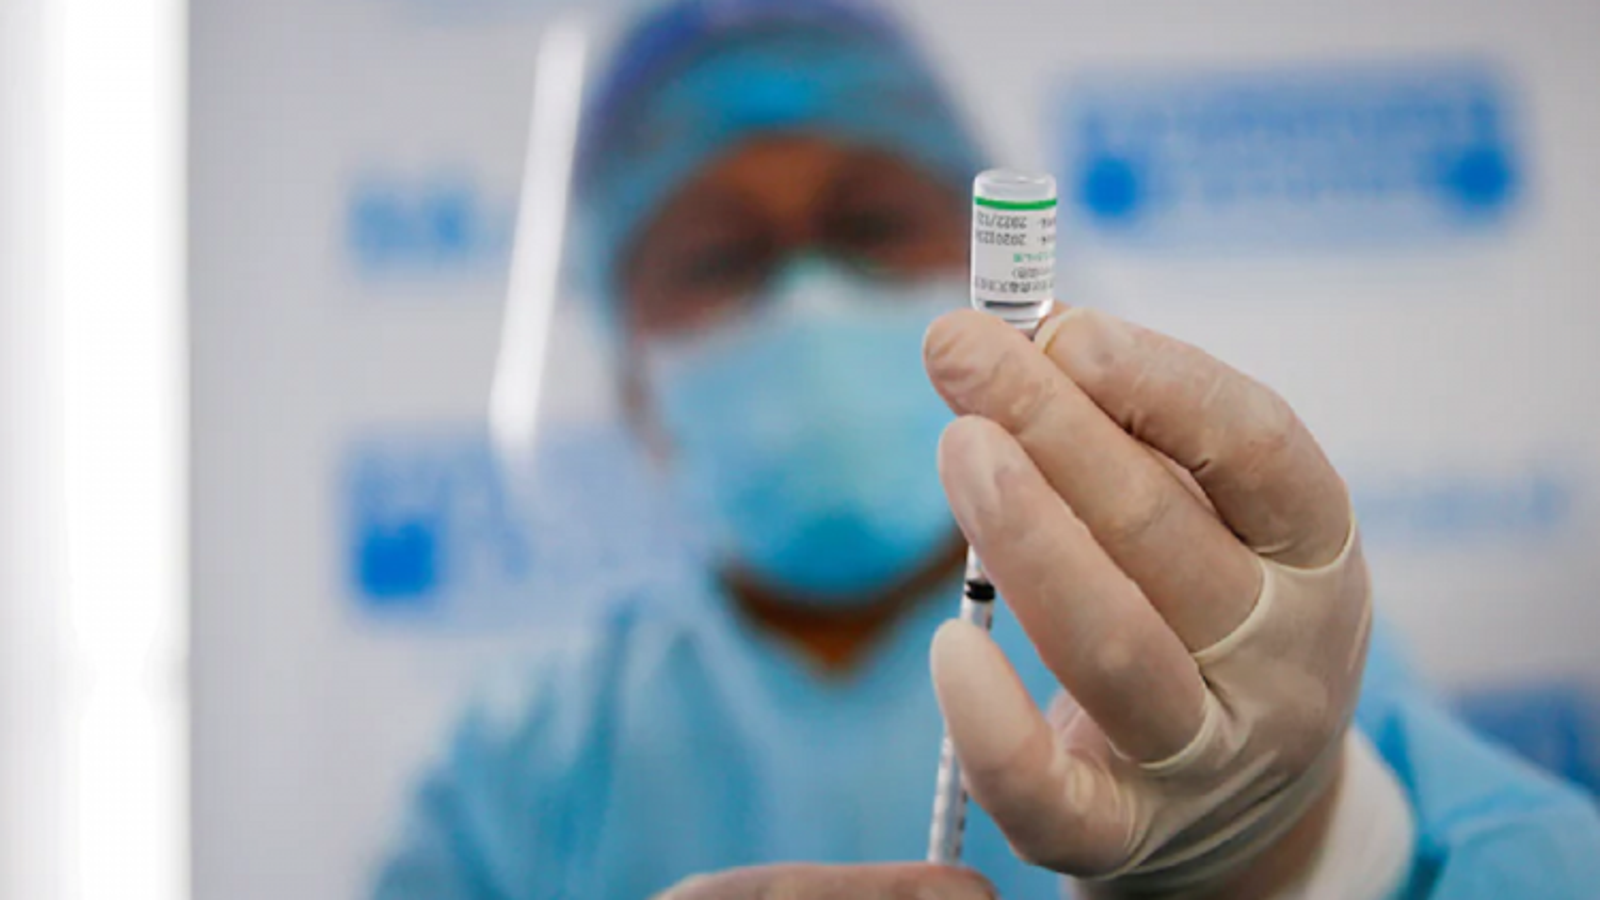 Tiêm kết hợp và tiêm mũi nhắc lại vaccine ngừa Covid-19: còn nhiều tranh cãi